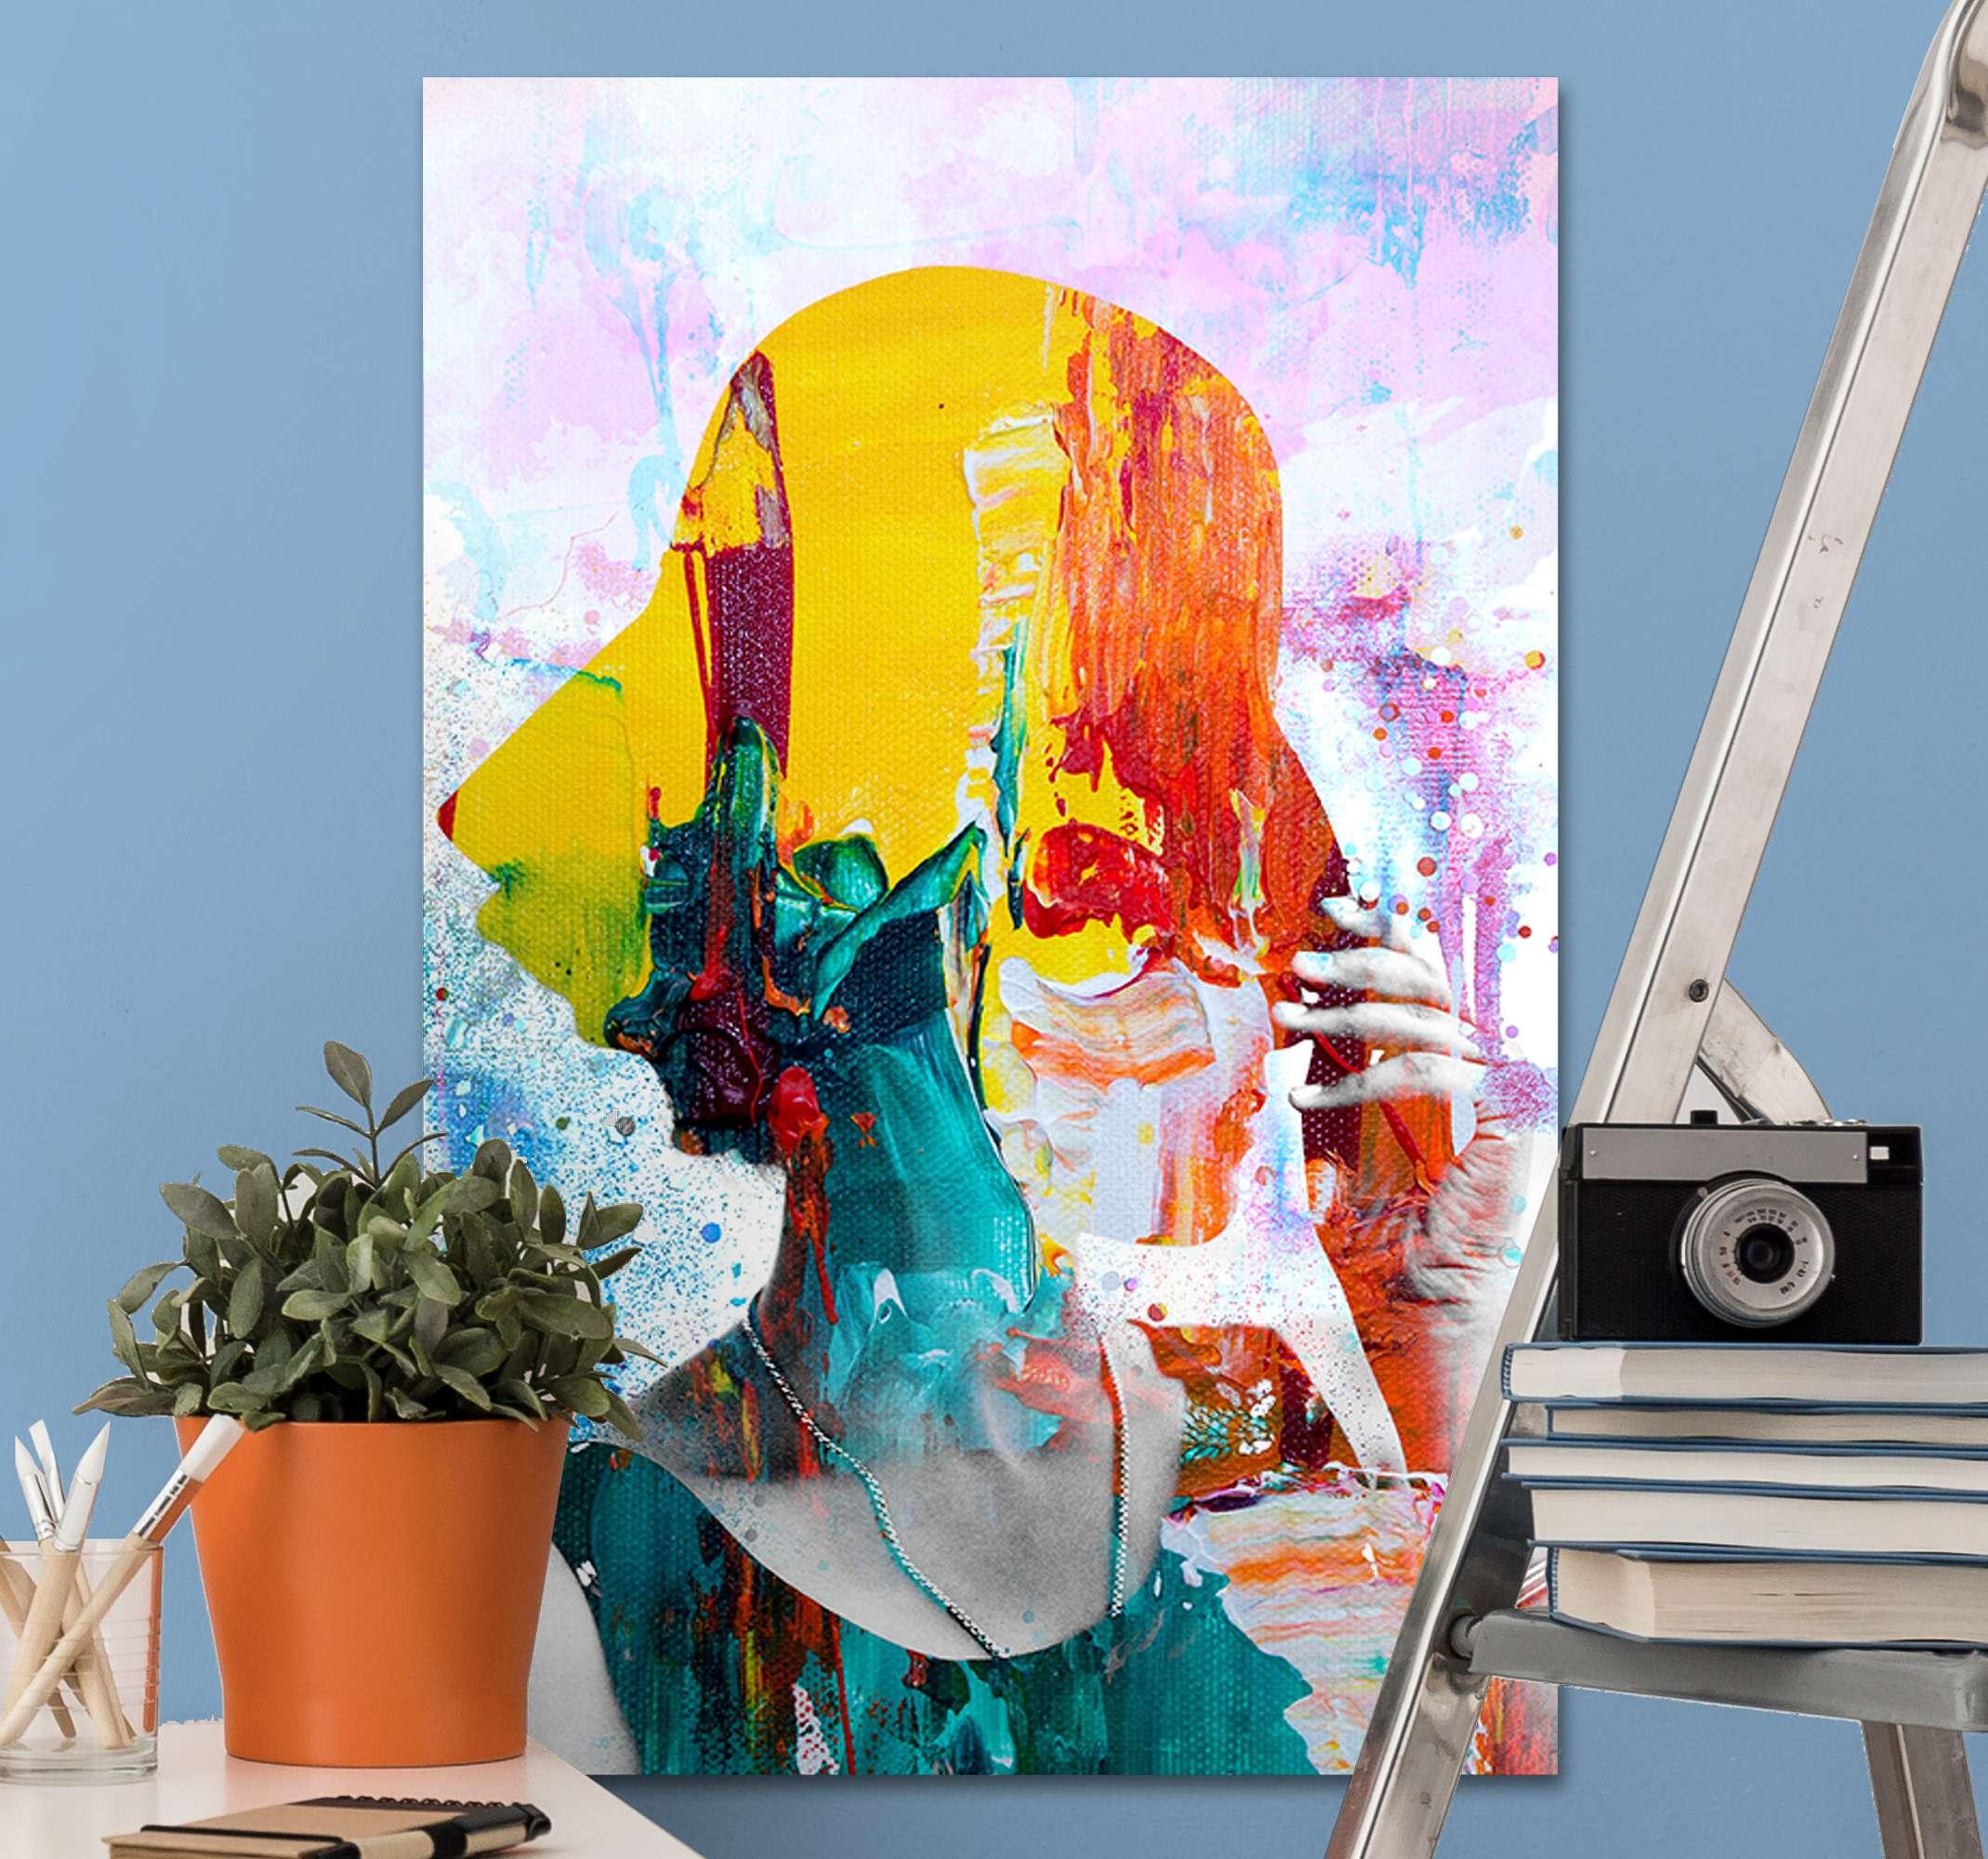 Tenstickers. Farebné ženské umenie plátno umenie. Farebné ženské umelecké plátno umelecké výtlačky. Toto abstraktné nástenné plátno by skrášlilo váš domov s originálnym efektom. Je originálny a ľahký.